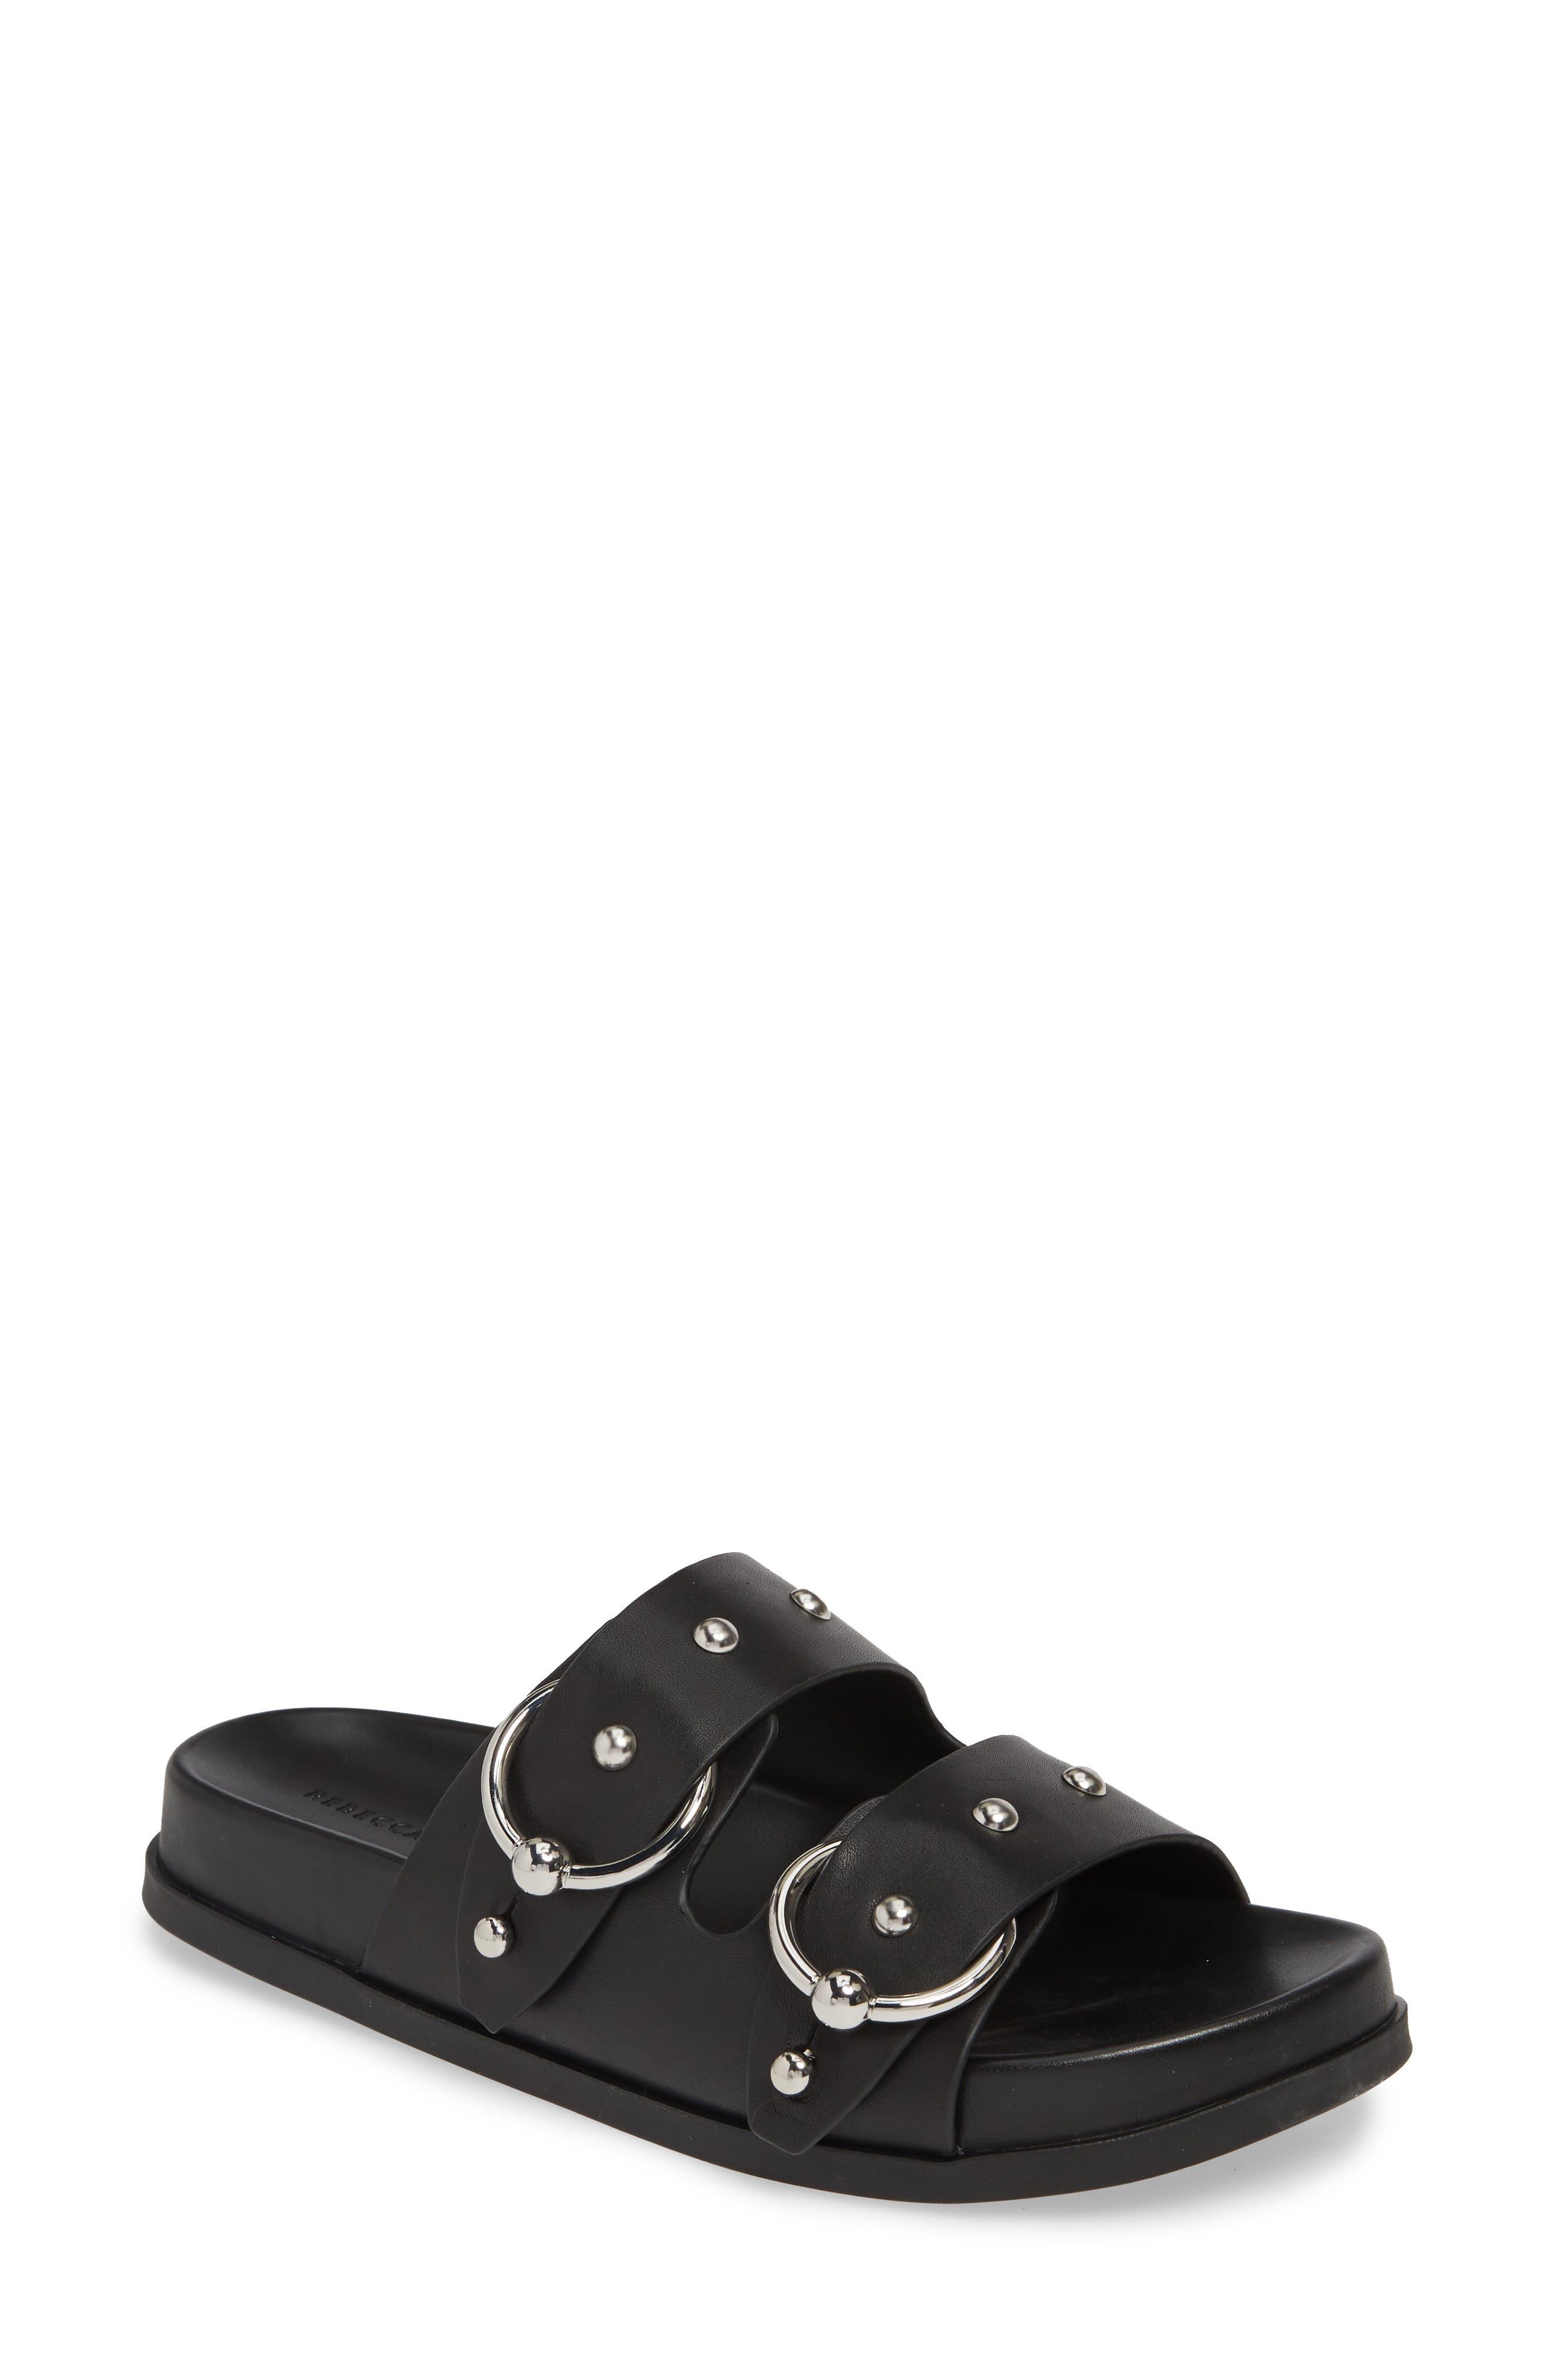 REBECCA MINKOFF Vachel Slide Sandal, Main, color, BLACK LEATHER